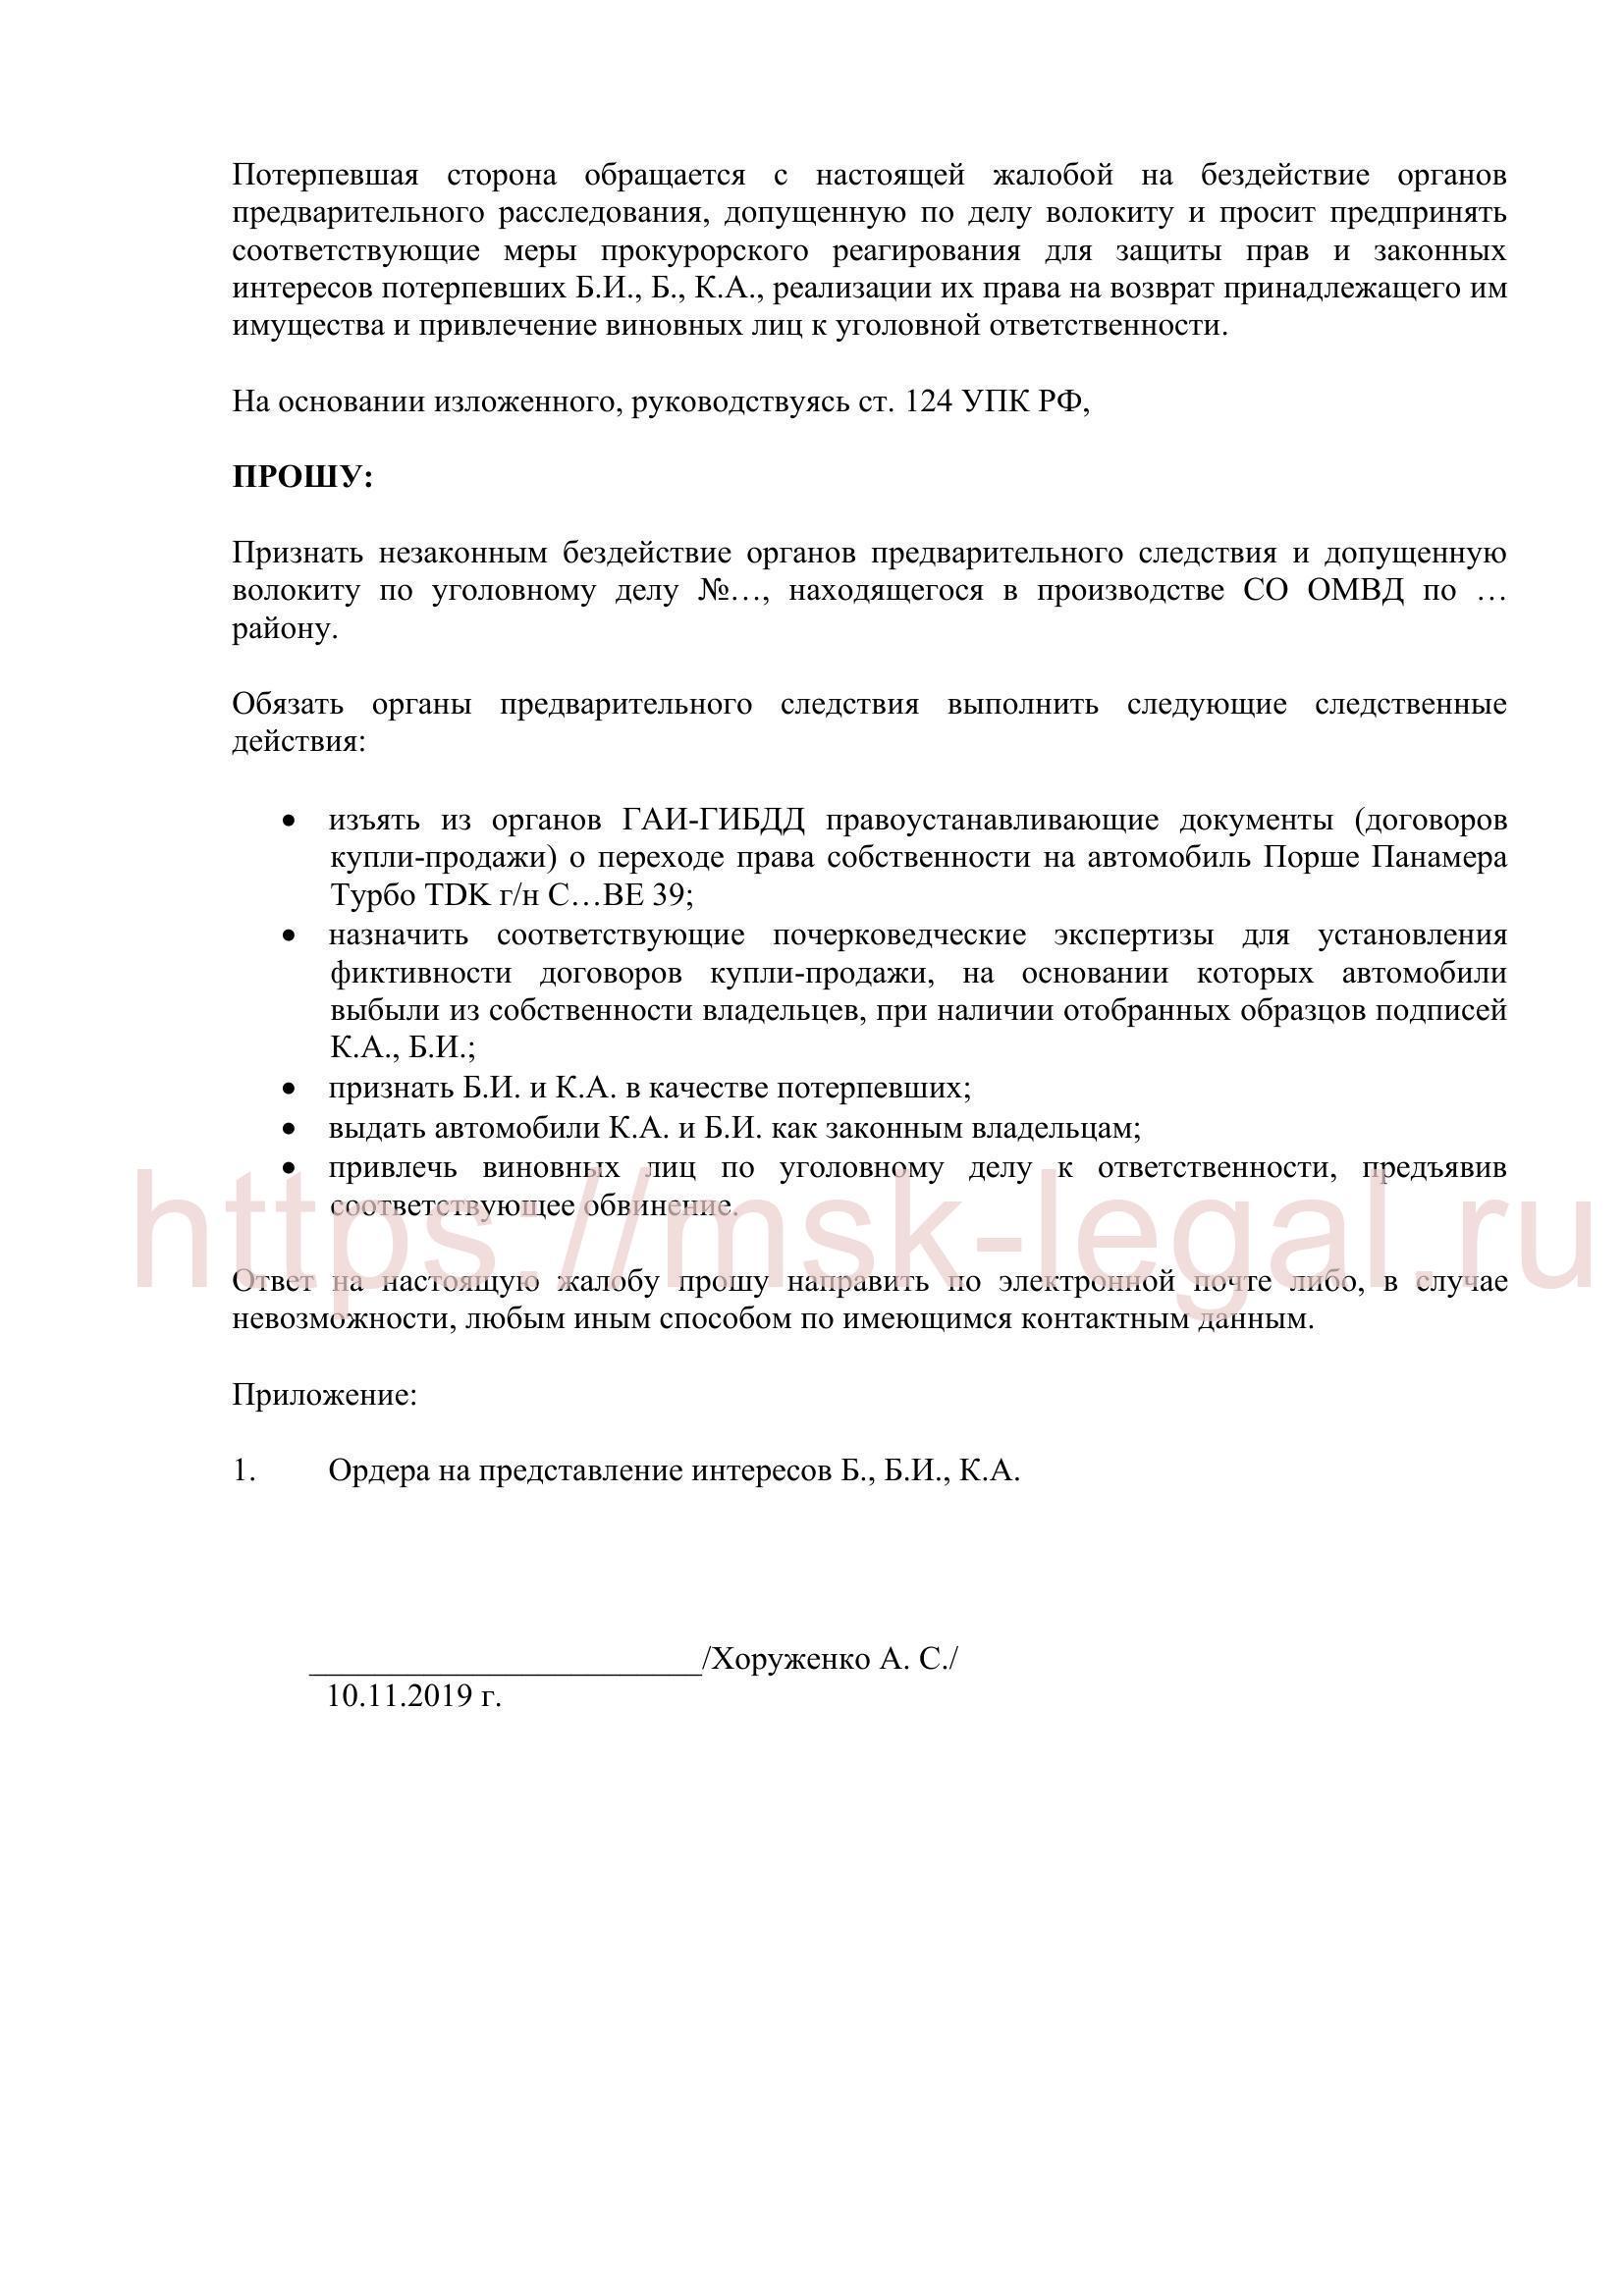 Жалоба по ст. 124 УПК в прокуратуру на бездействие следователя